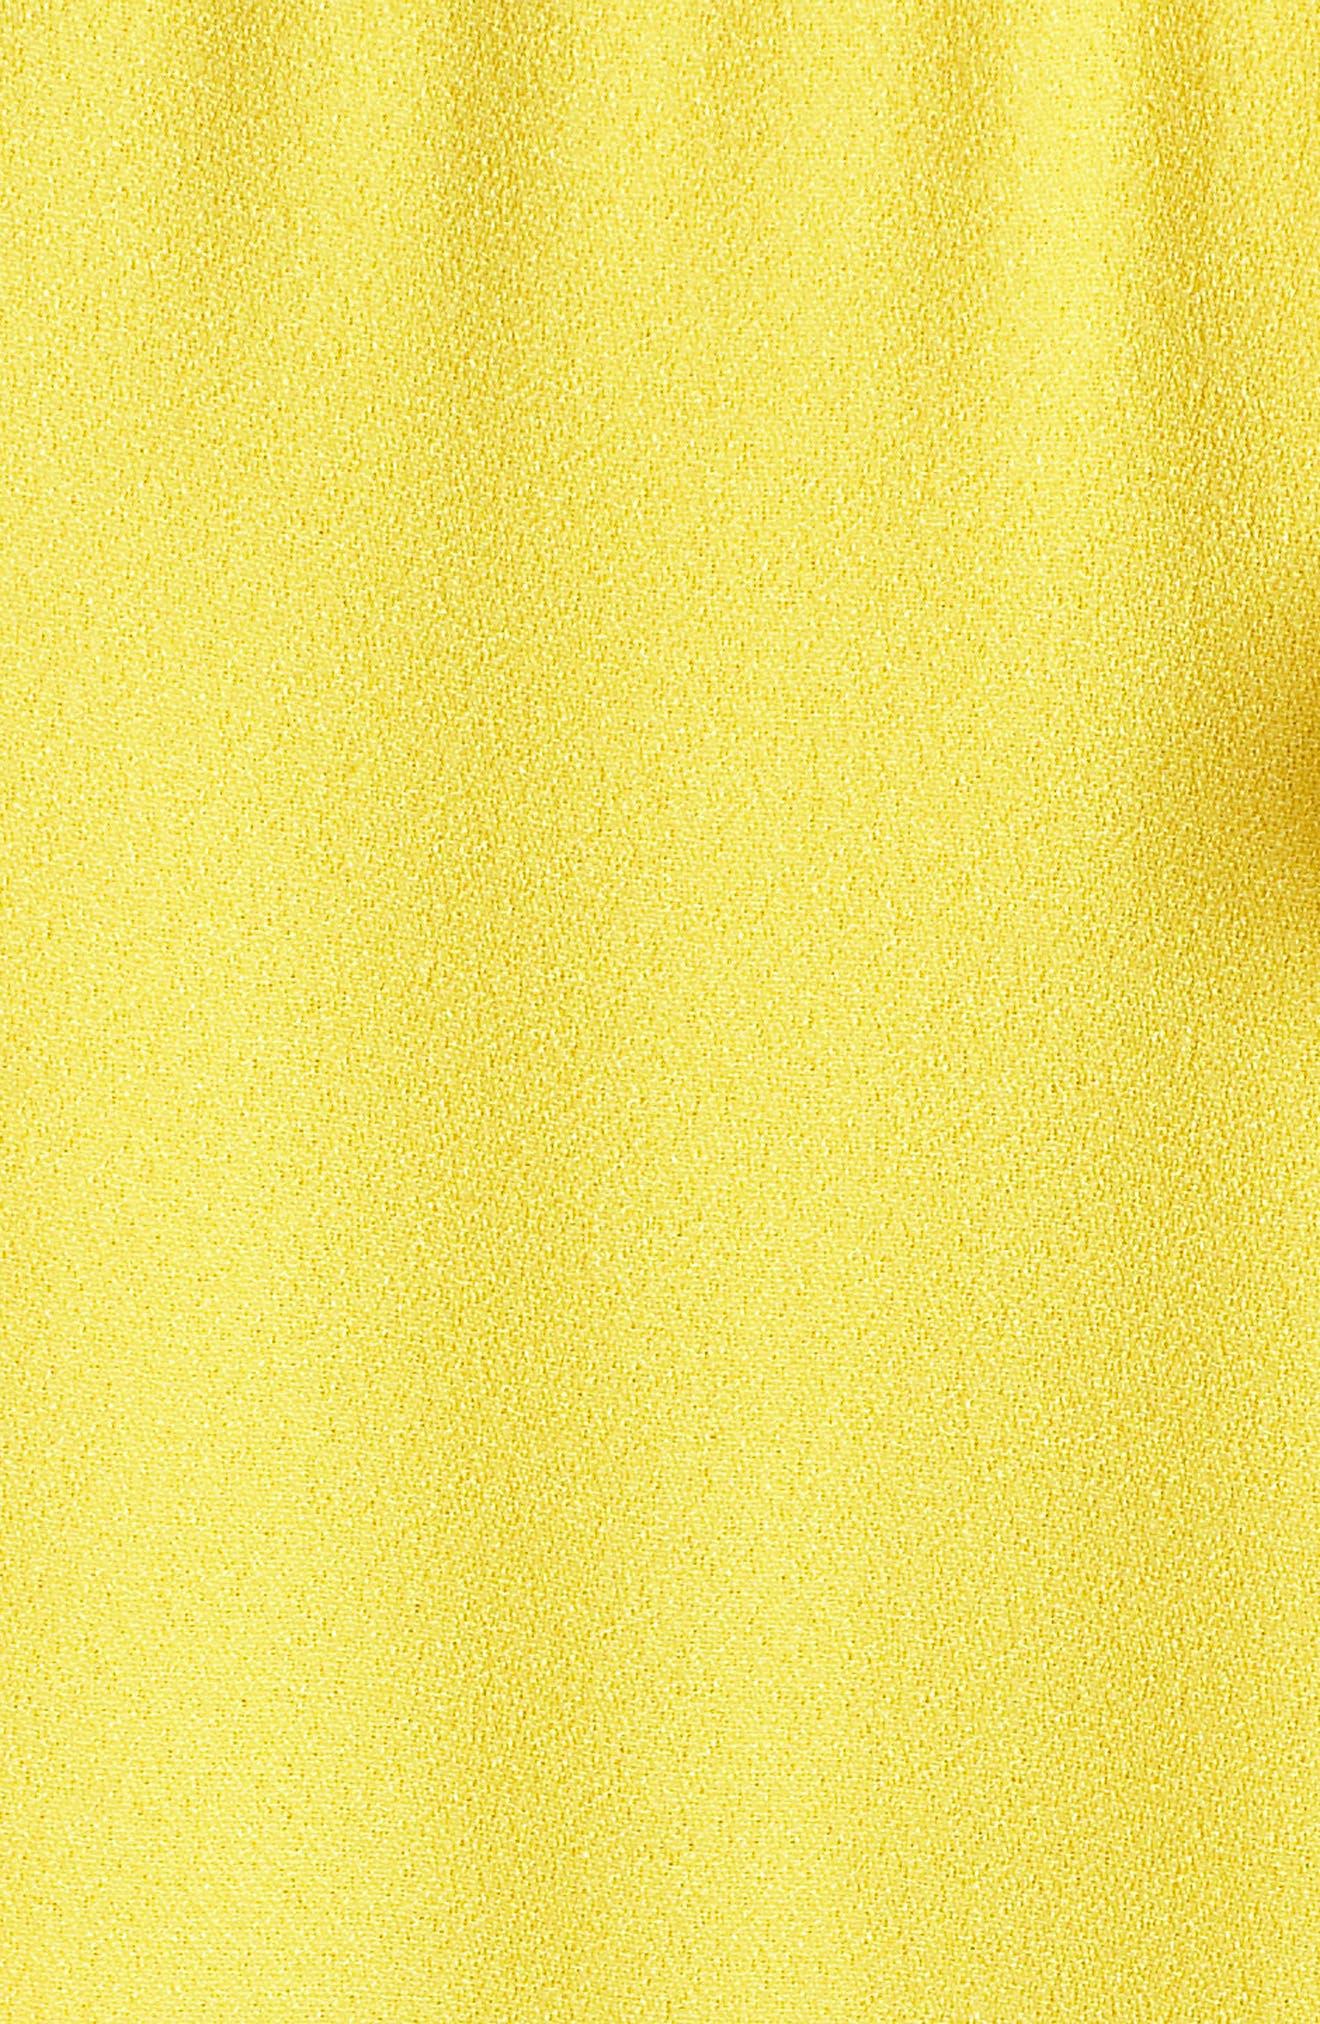 Andrea Ruffle Wrap Dress,                             Alternate thumbnail 16, color,